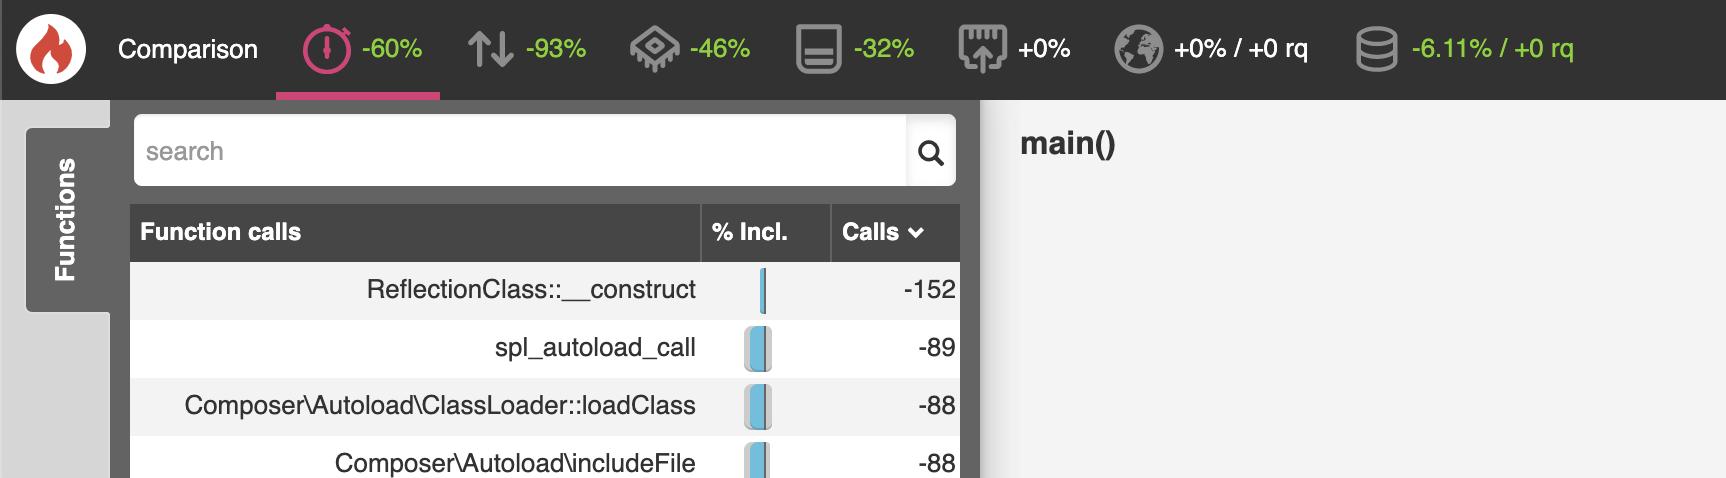 PHP 7.4 preloading benchmark